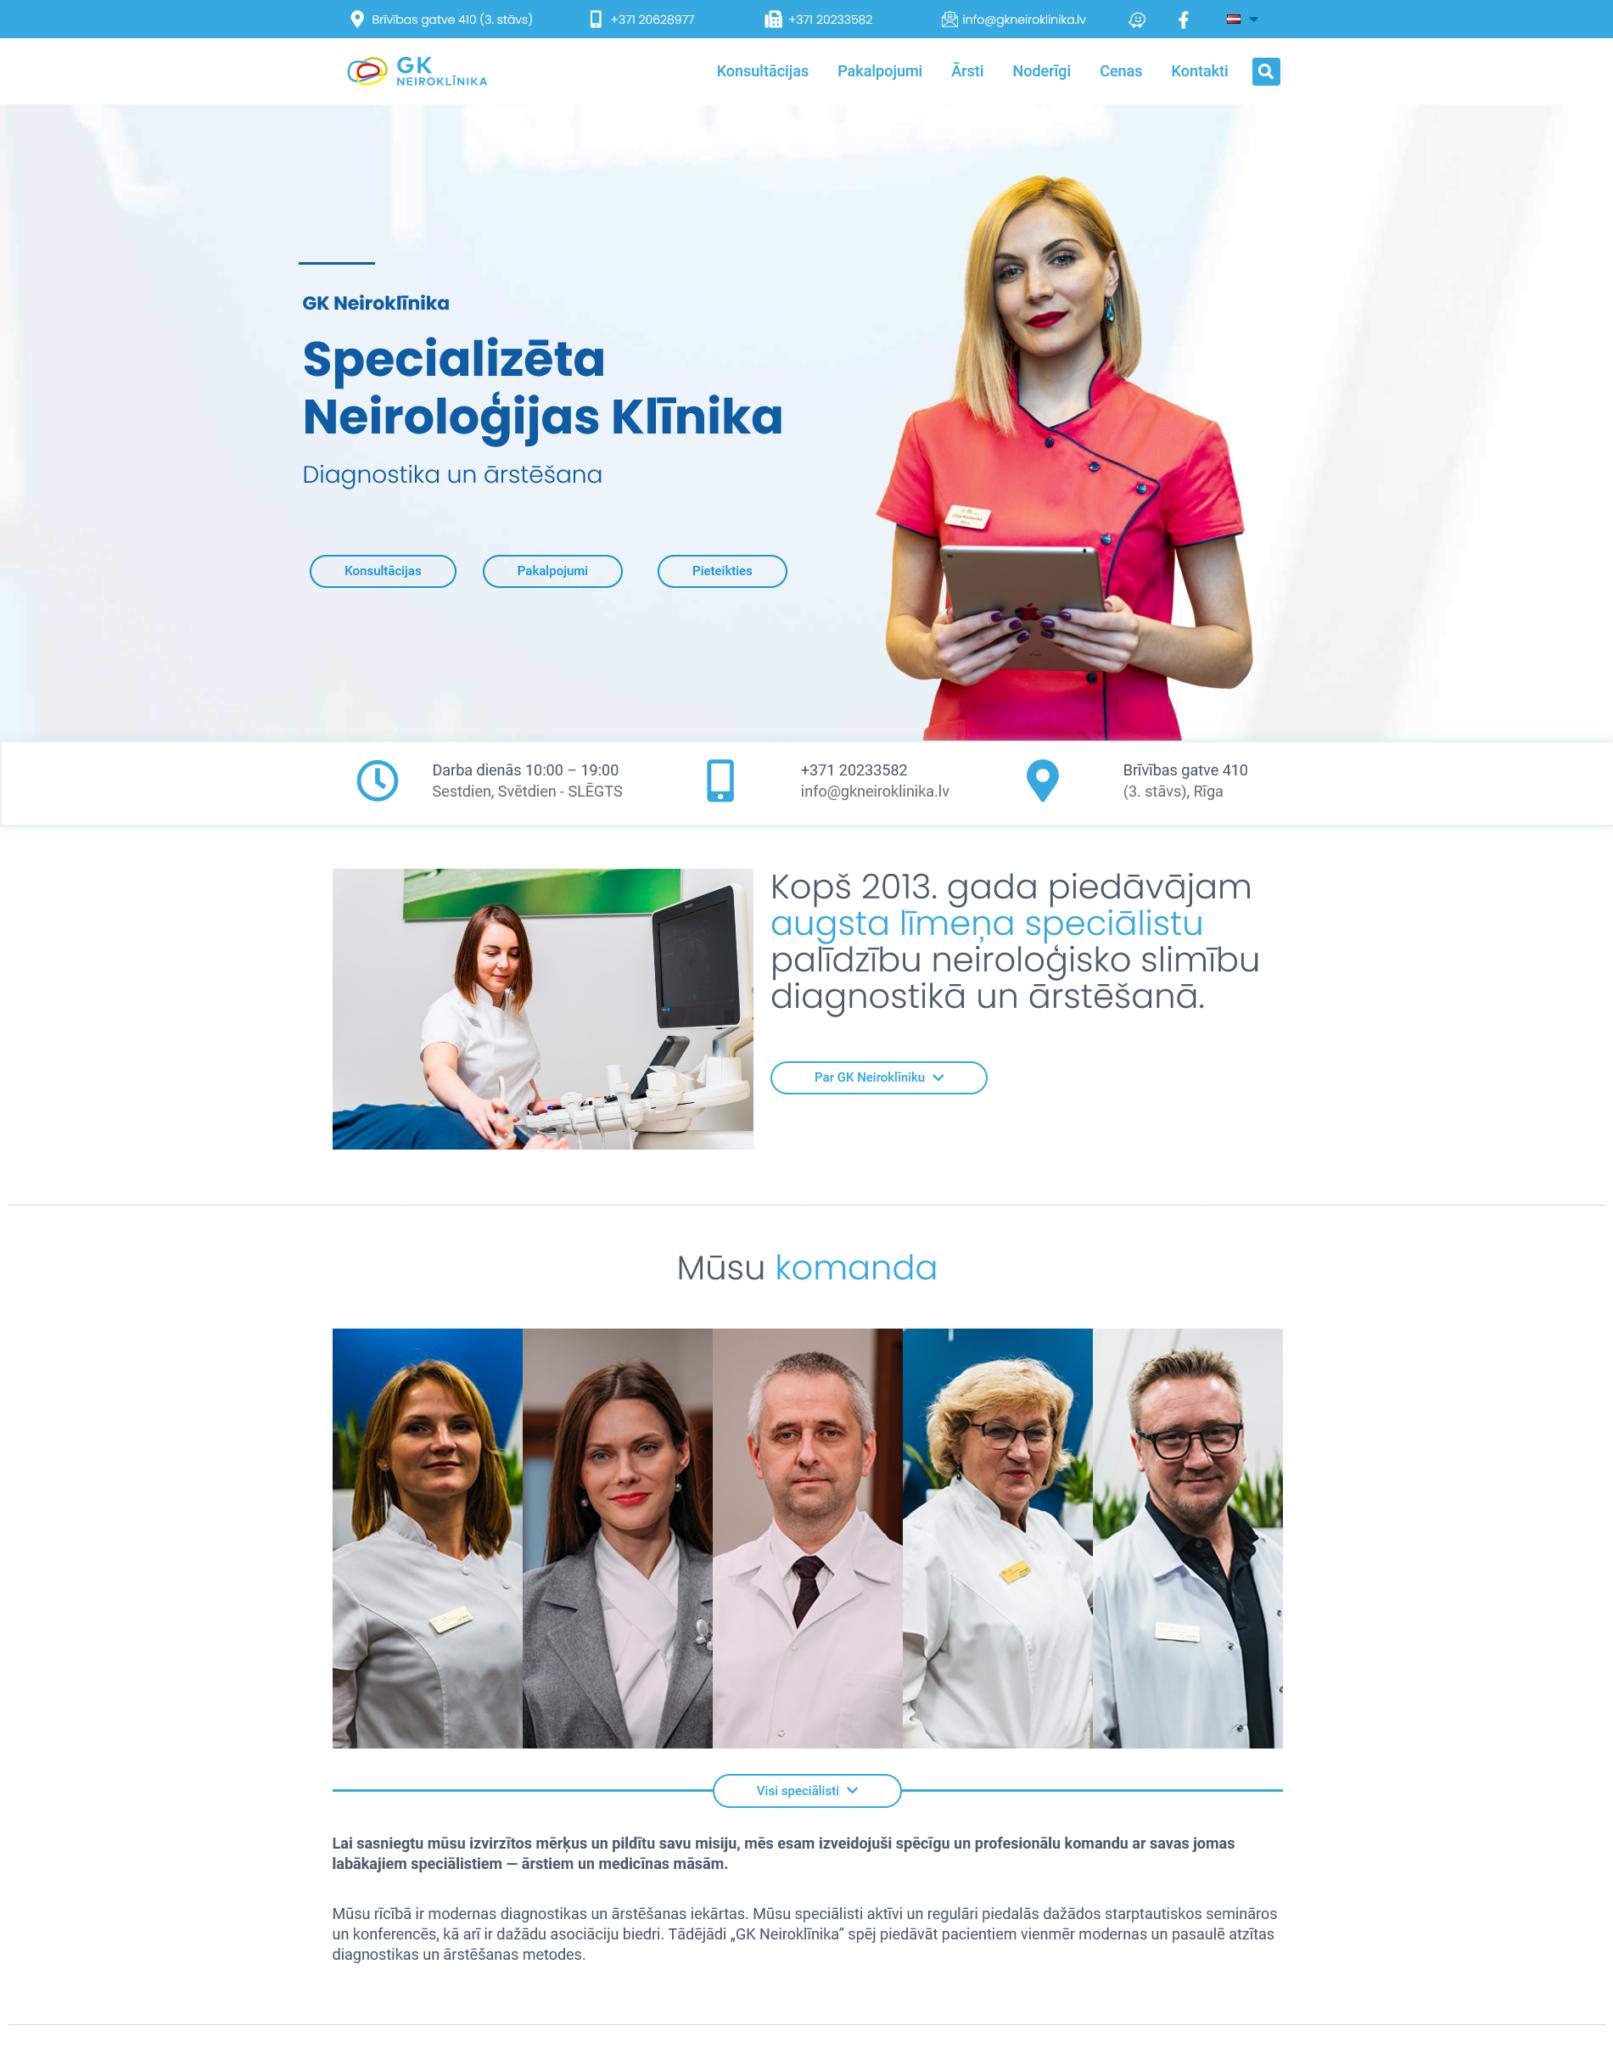 mājaslapas izstrāde mājas lapas izstrāde izveide mājaslapa mājaslapas uzlabošana seo ux ui